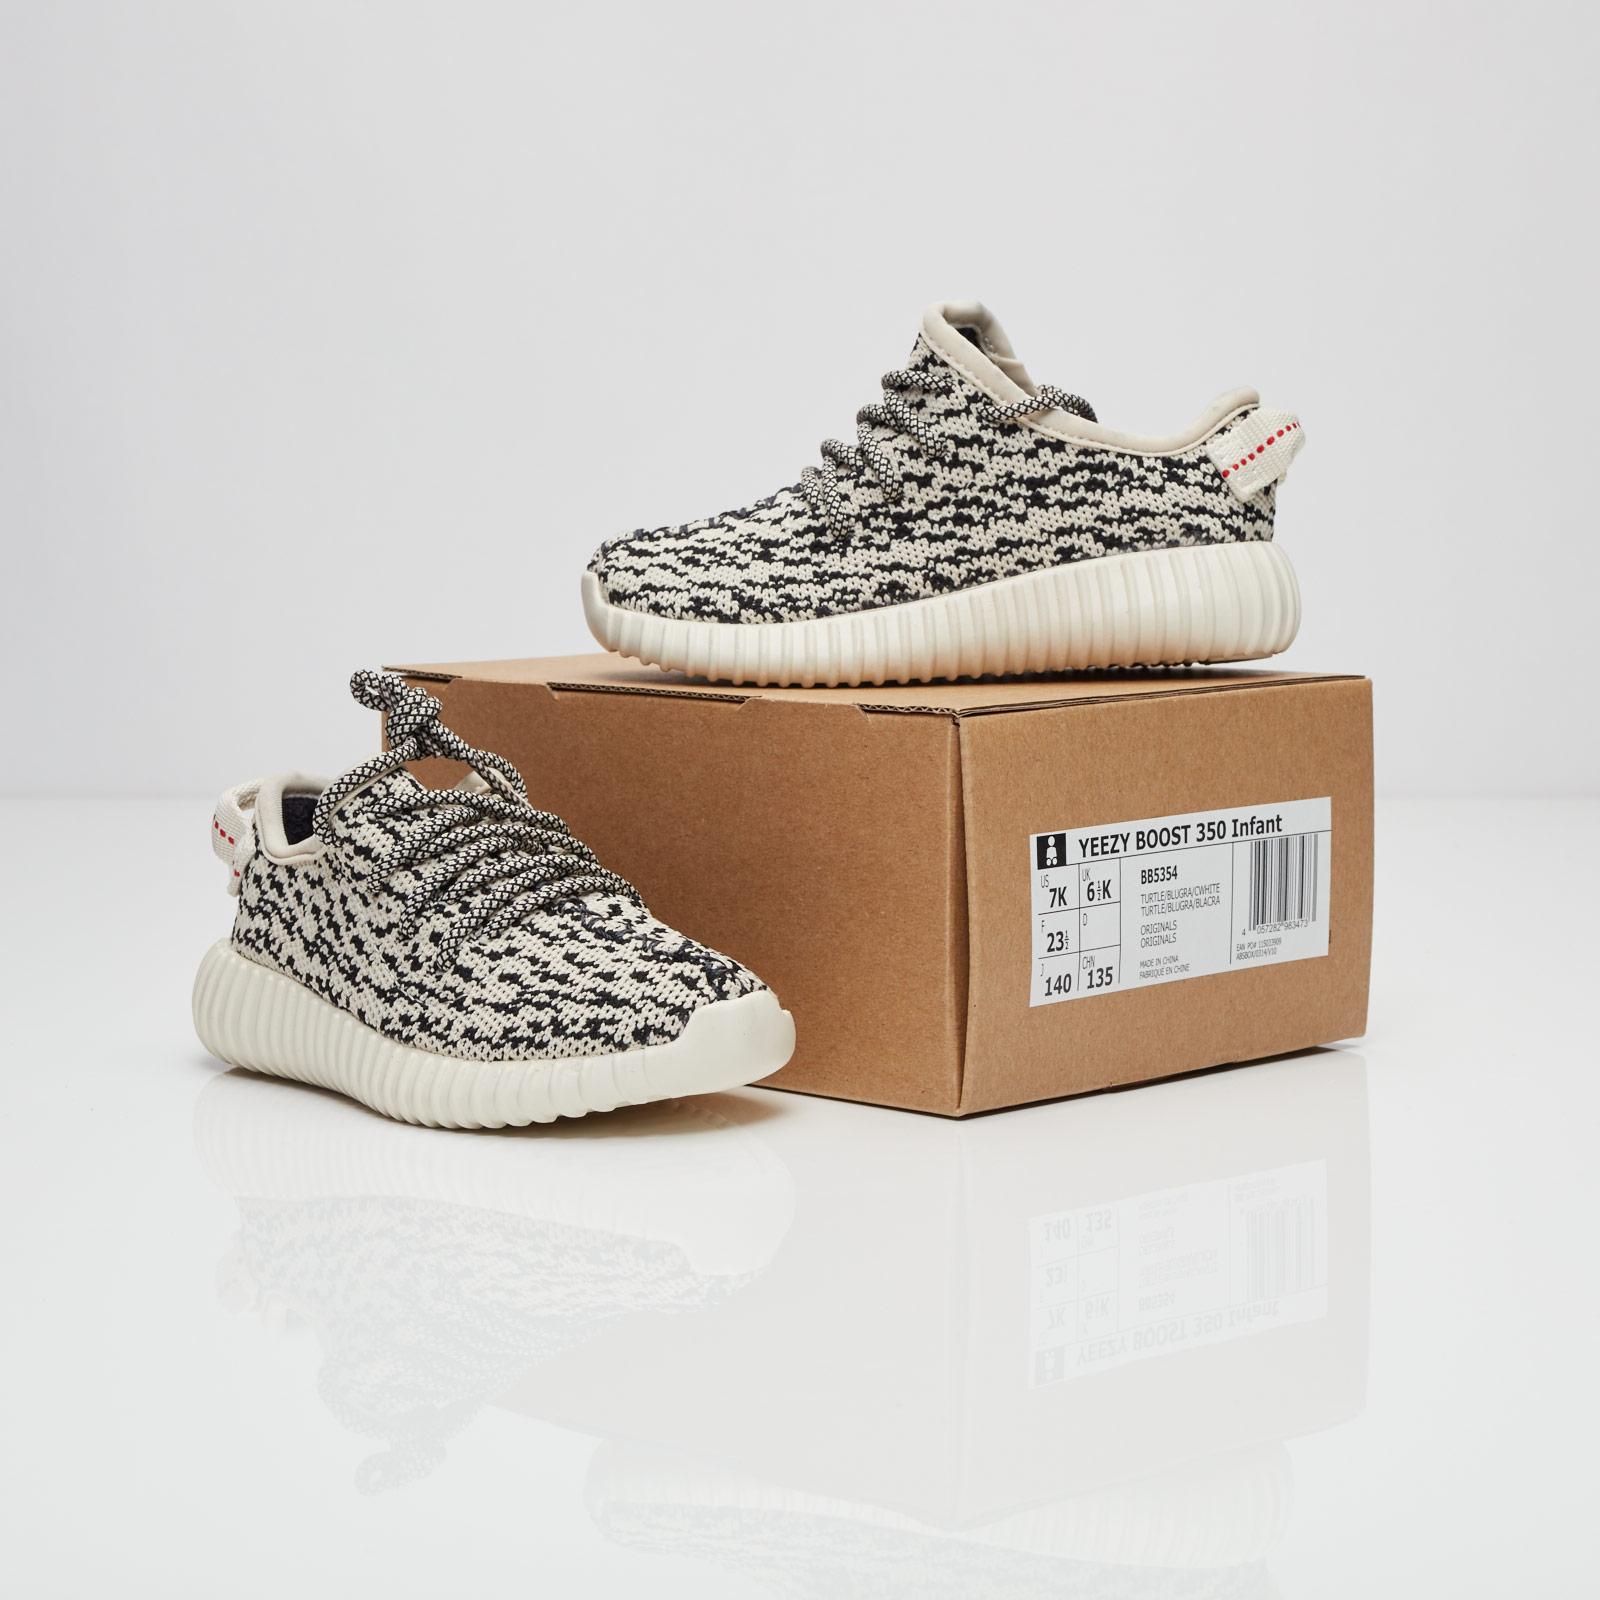 Adidas Yeezy Boost 350 Infants Bb5354 Sneakersnstuff Sneakers